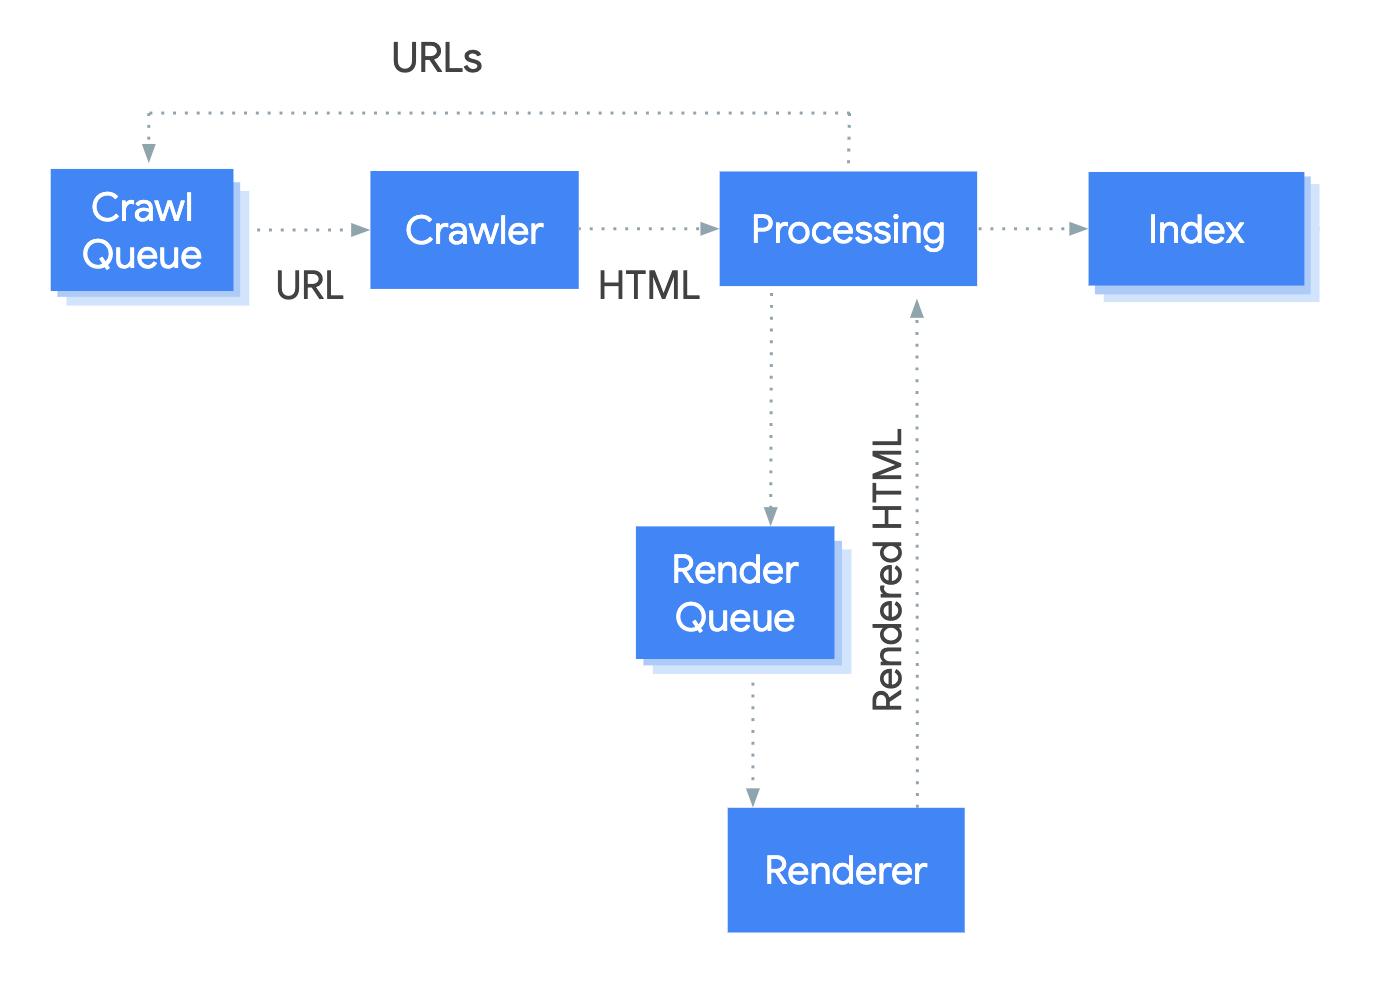 описания трехэтапного процесса обработки контента JavaScript - сканирования, рендеринга, индексации.